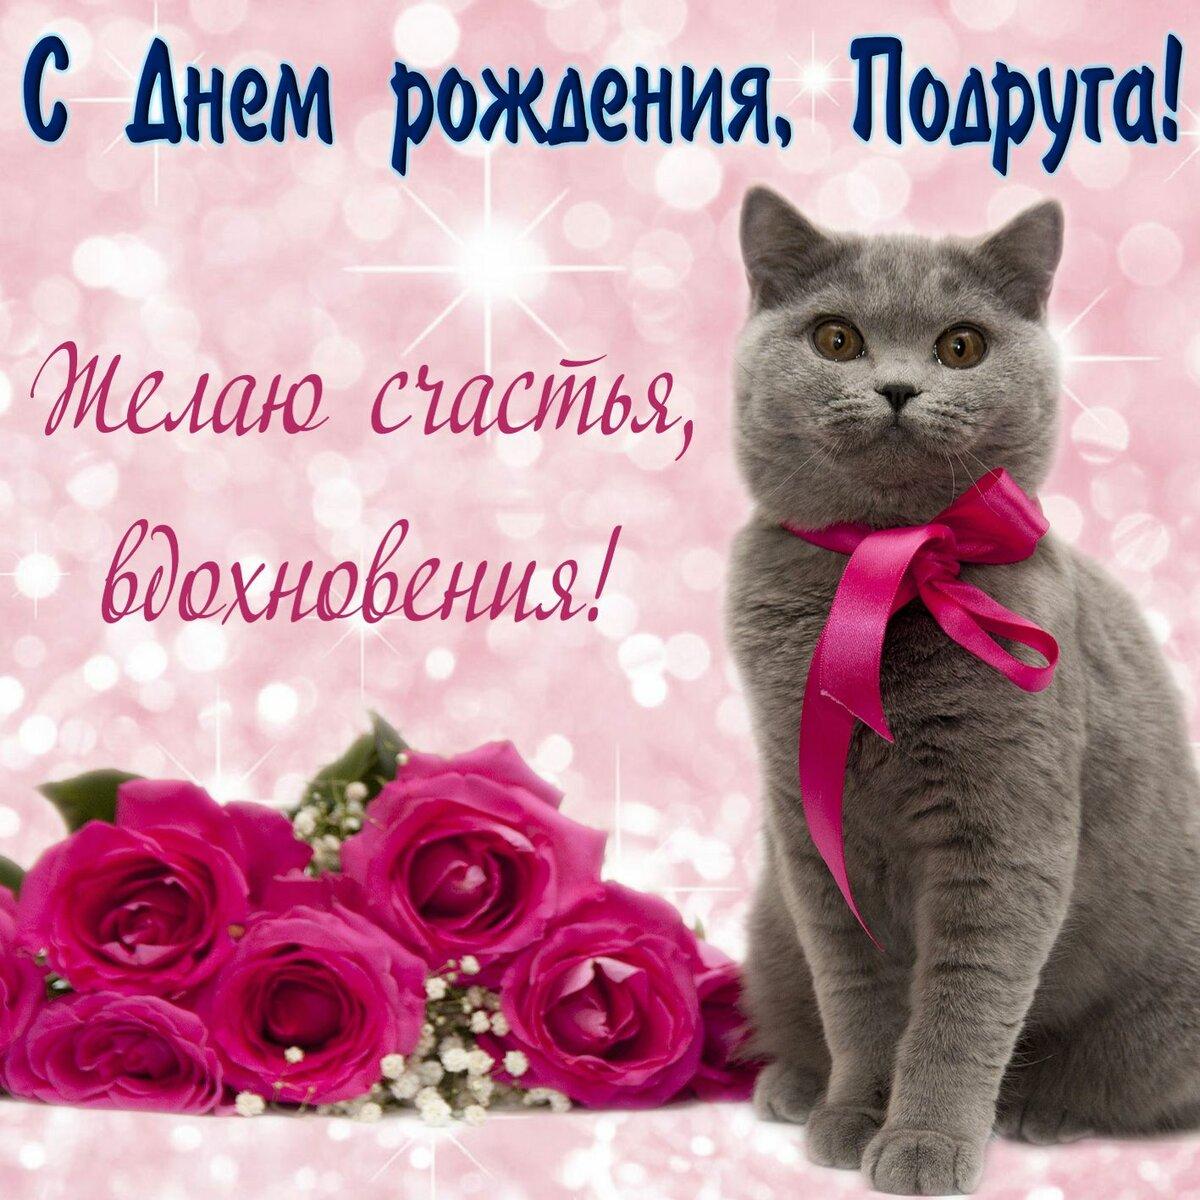 Открытка с днём рождения подруга,красивые поздравления подруге Картинки,открытки на день рождения подруге,с днём рождения подруга,кот,открытка открытки подруге на день рождения,красивые,яркие открытки в день рождения подруге скачать